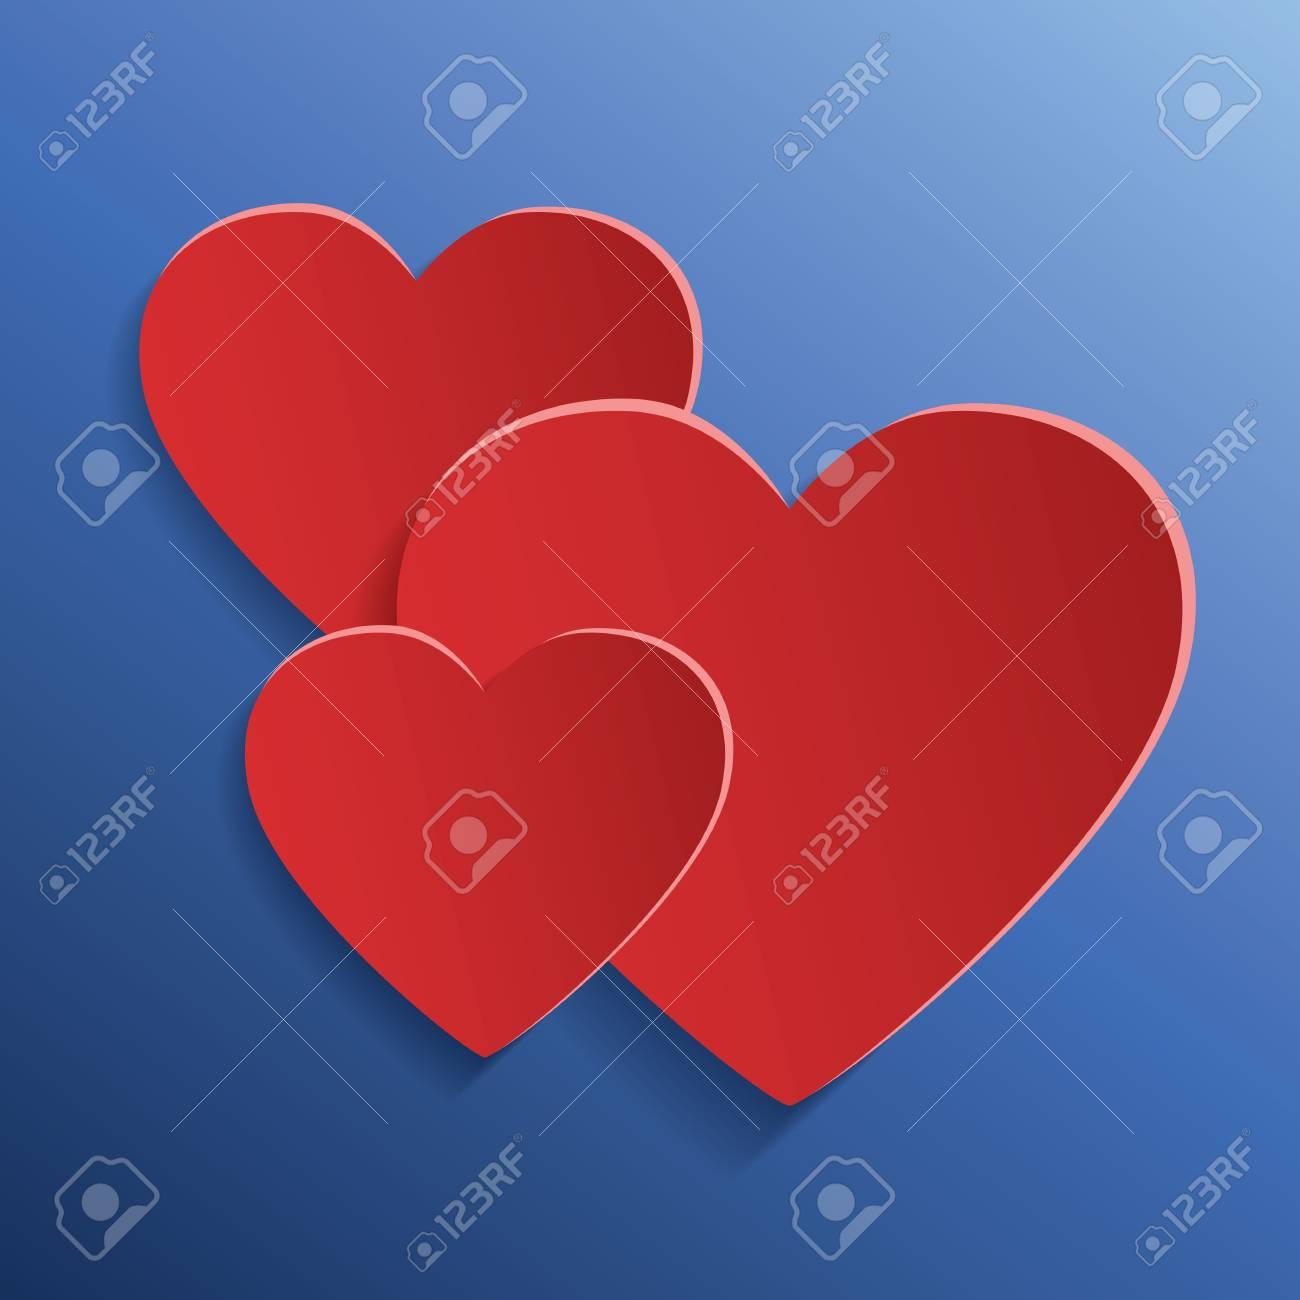 Papier Herz Element Für Den Entwurf Grußkarten Valentines